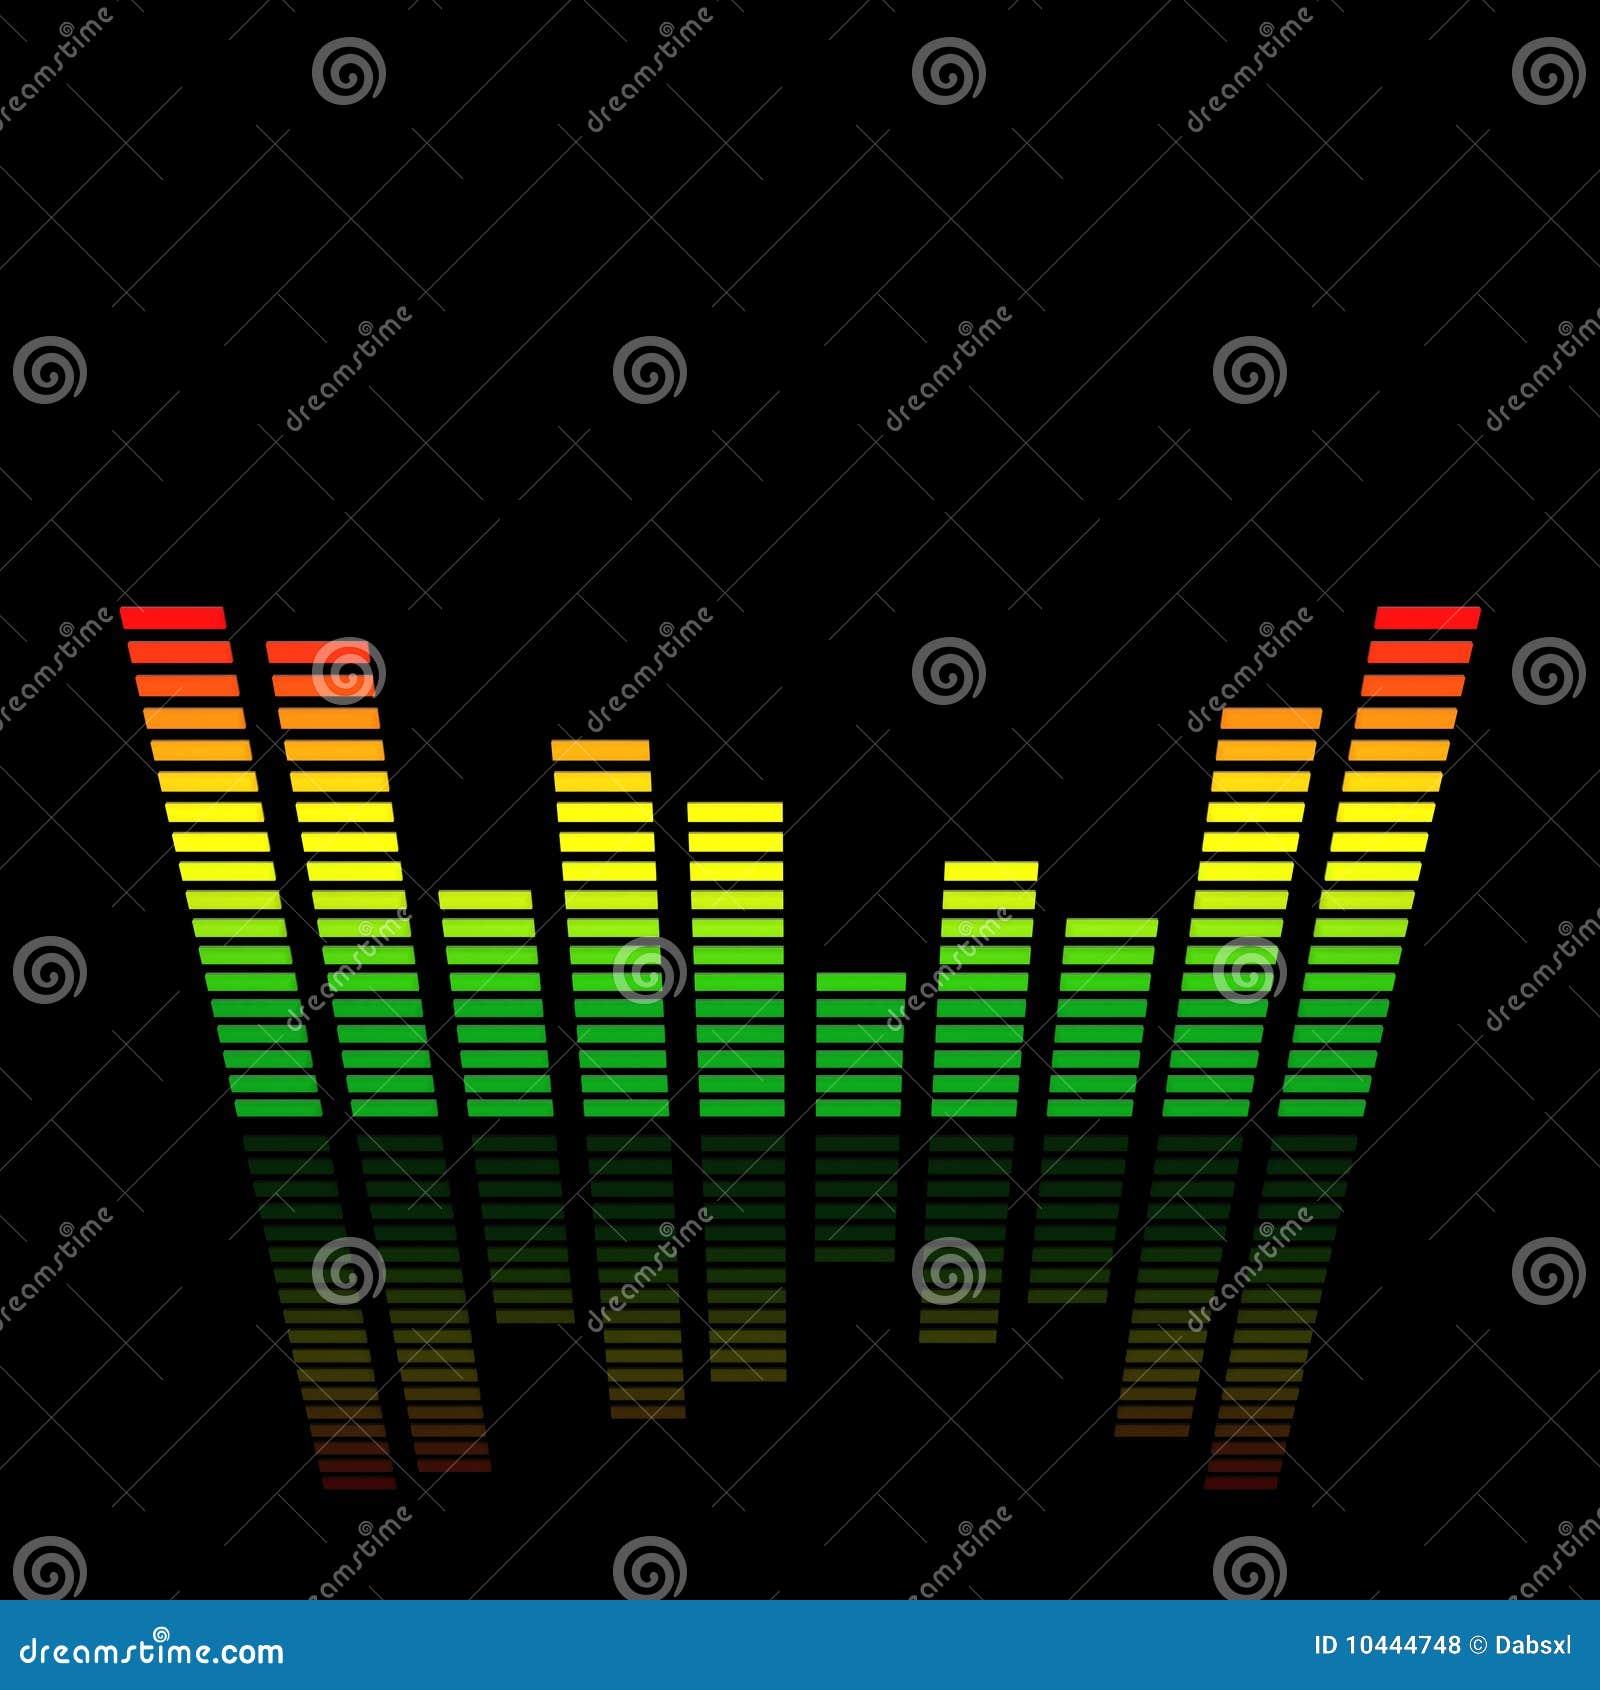 3d audio download: